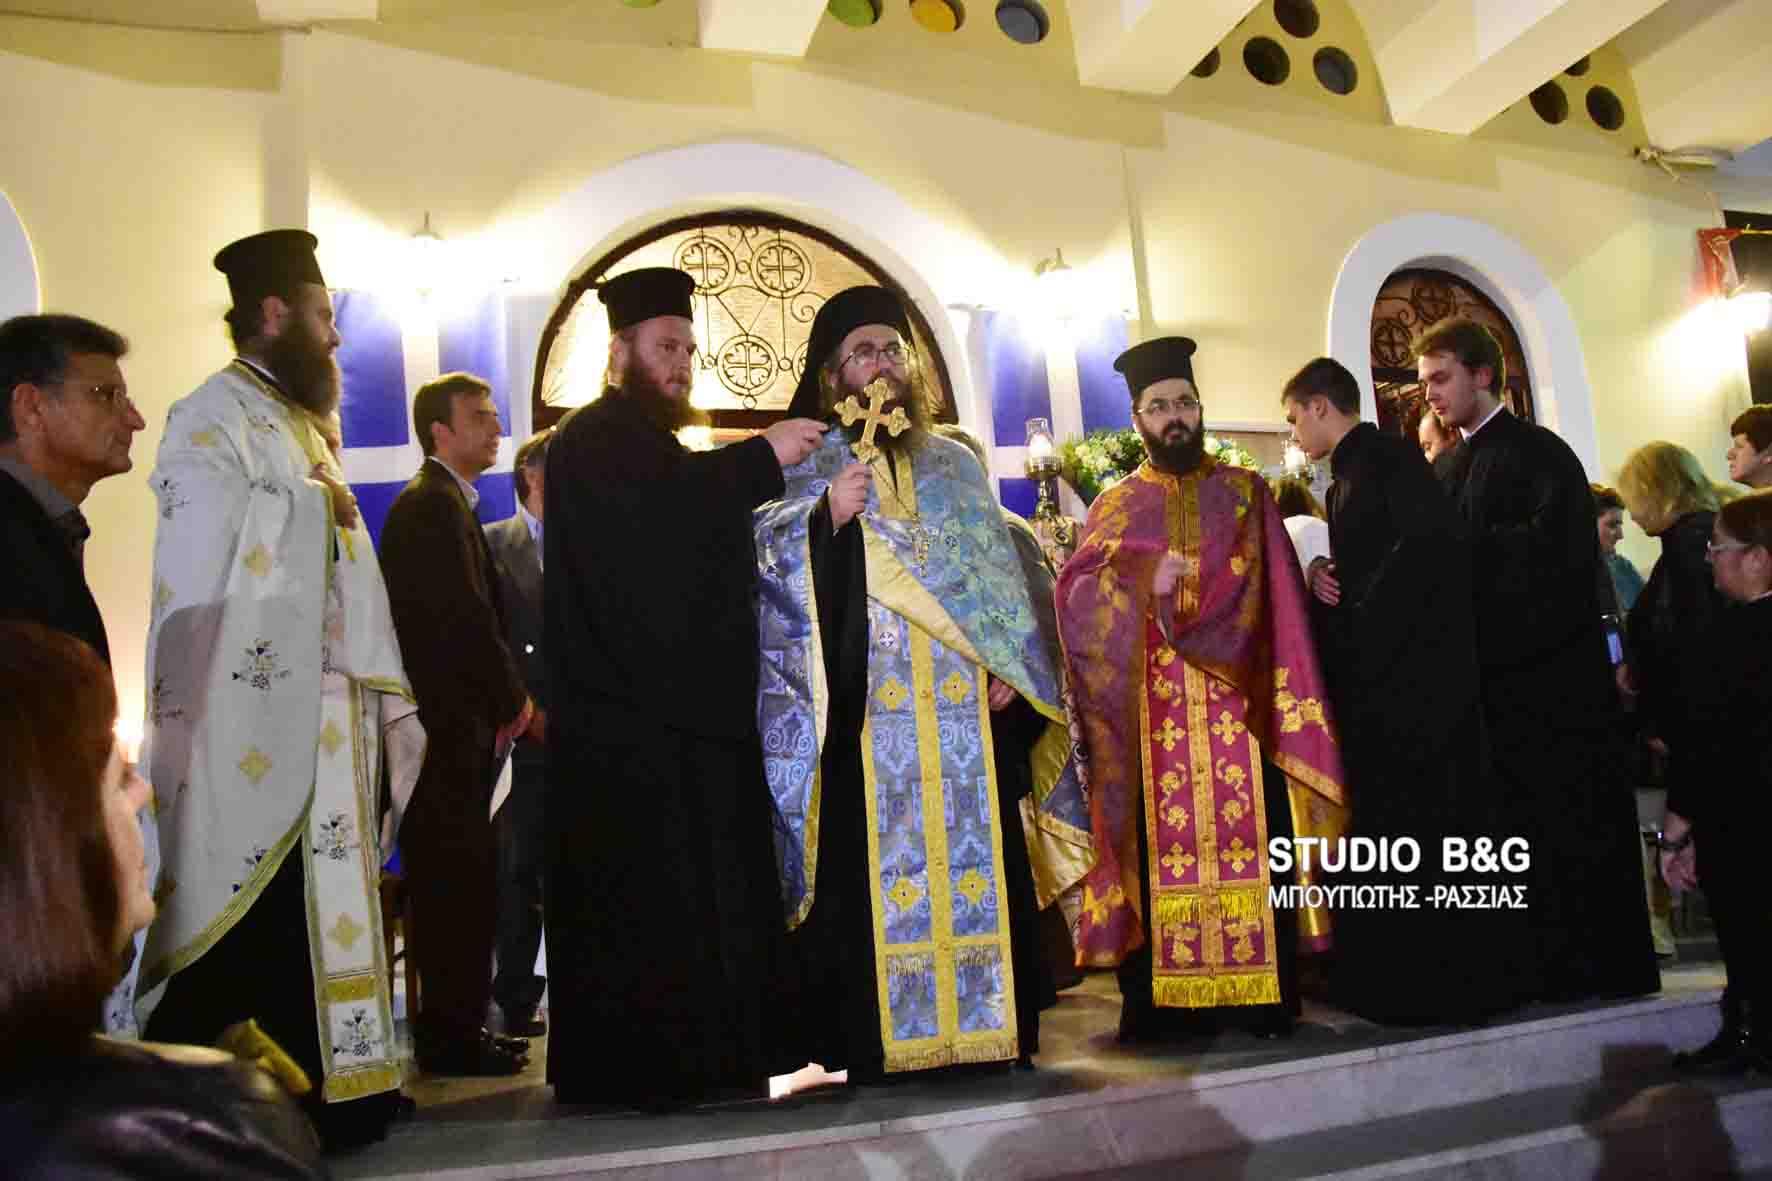 Τον Άγιο Νεκτάριο τίμησαν στις εργατικές κατοικίες Ναυπλίου